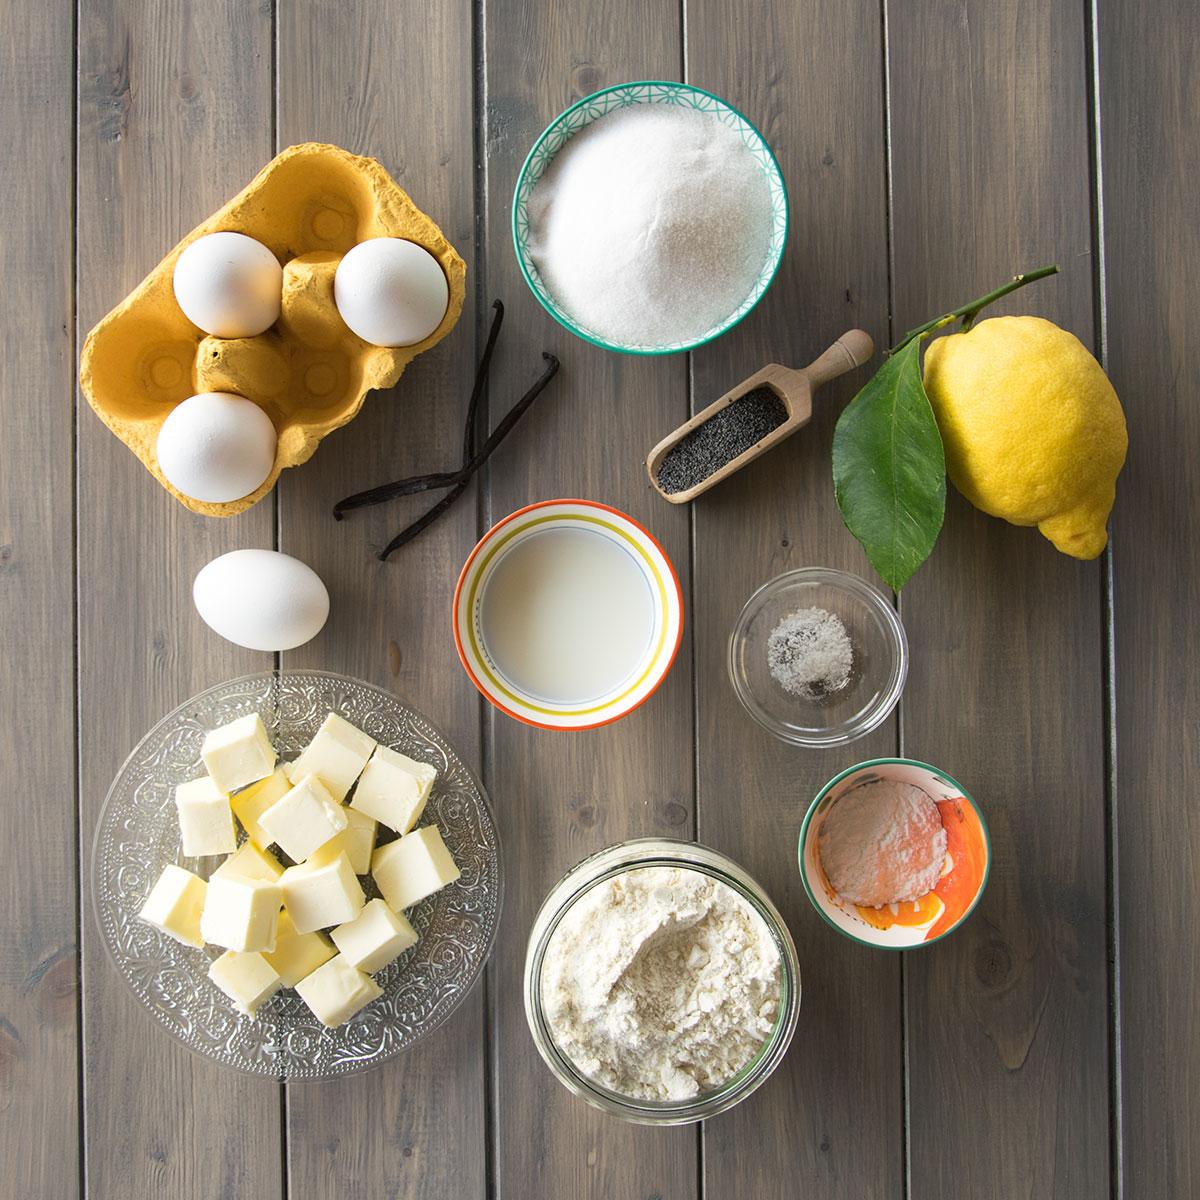 ciambella_limone_semi_papavero_ingredienti